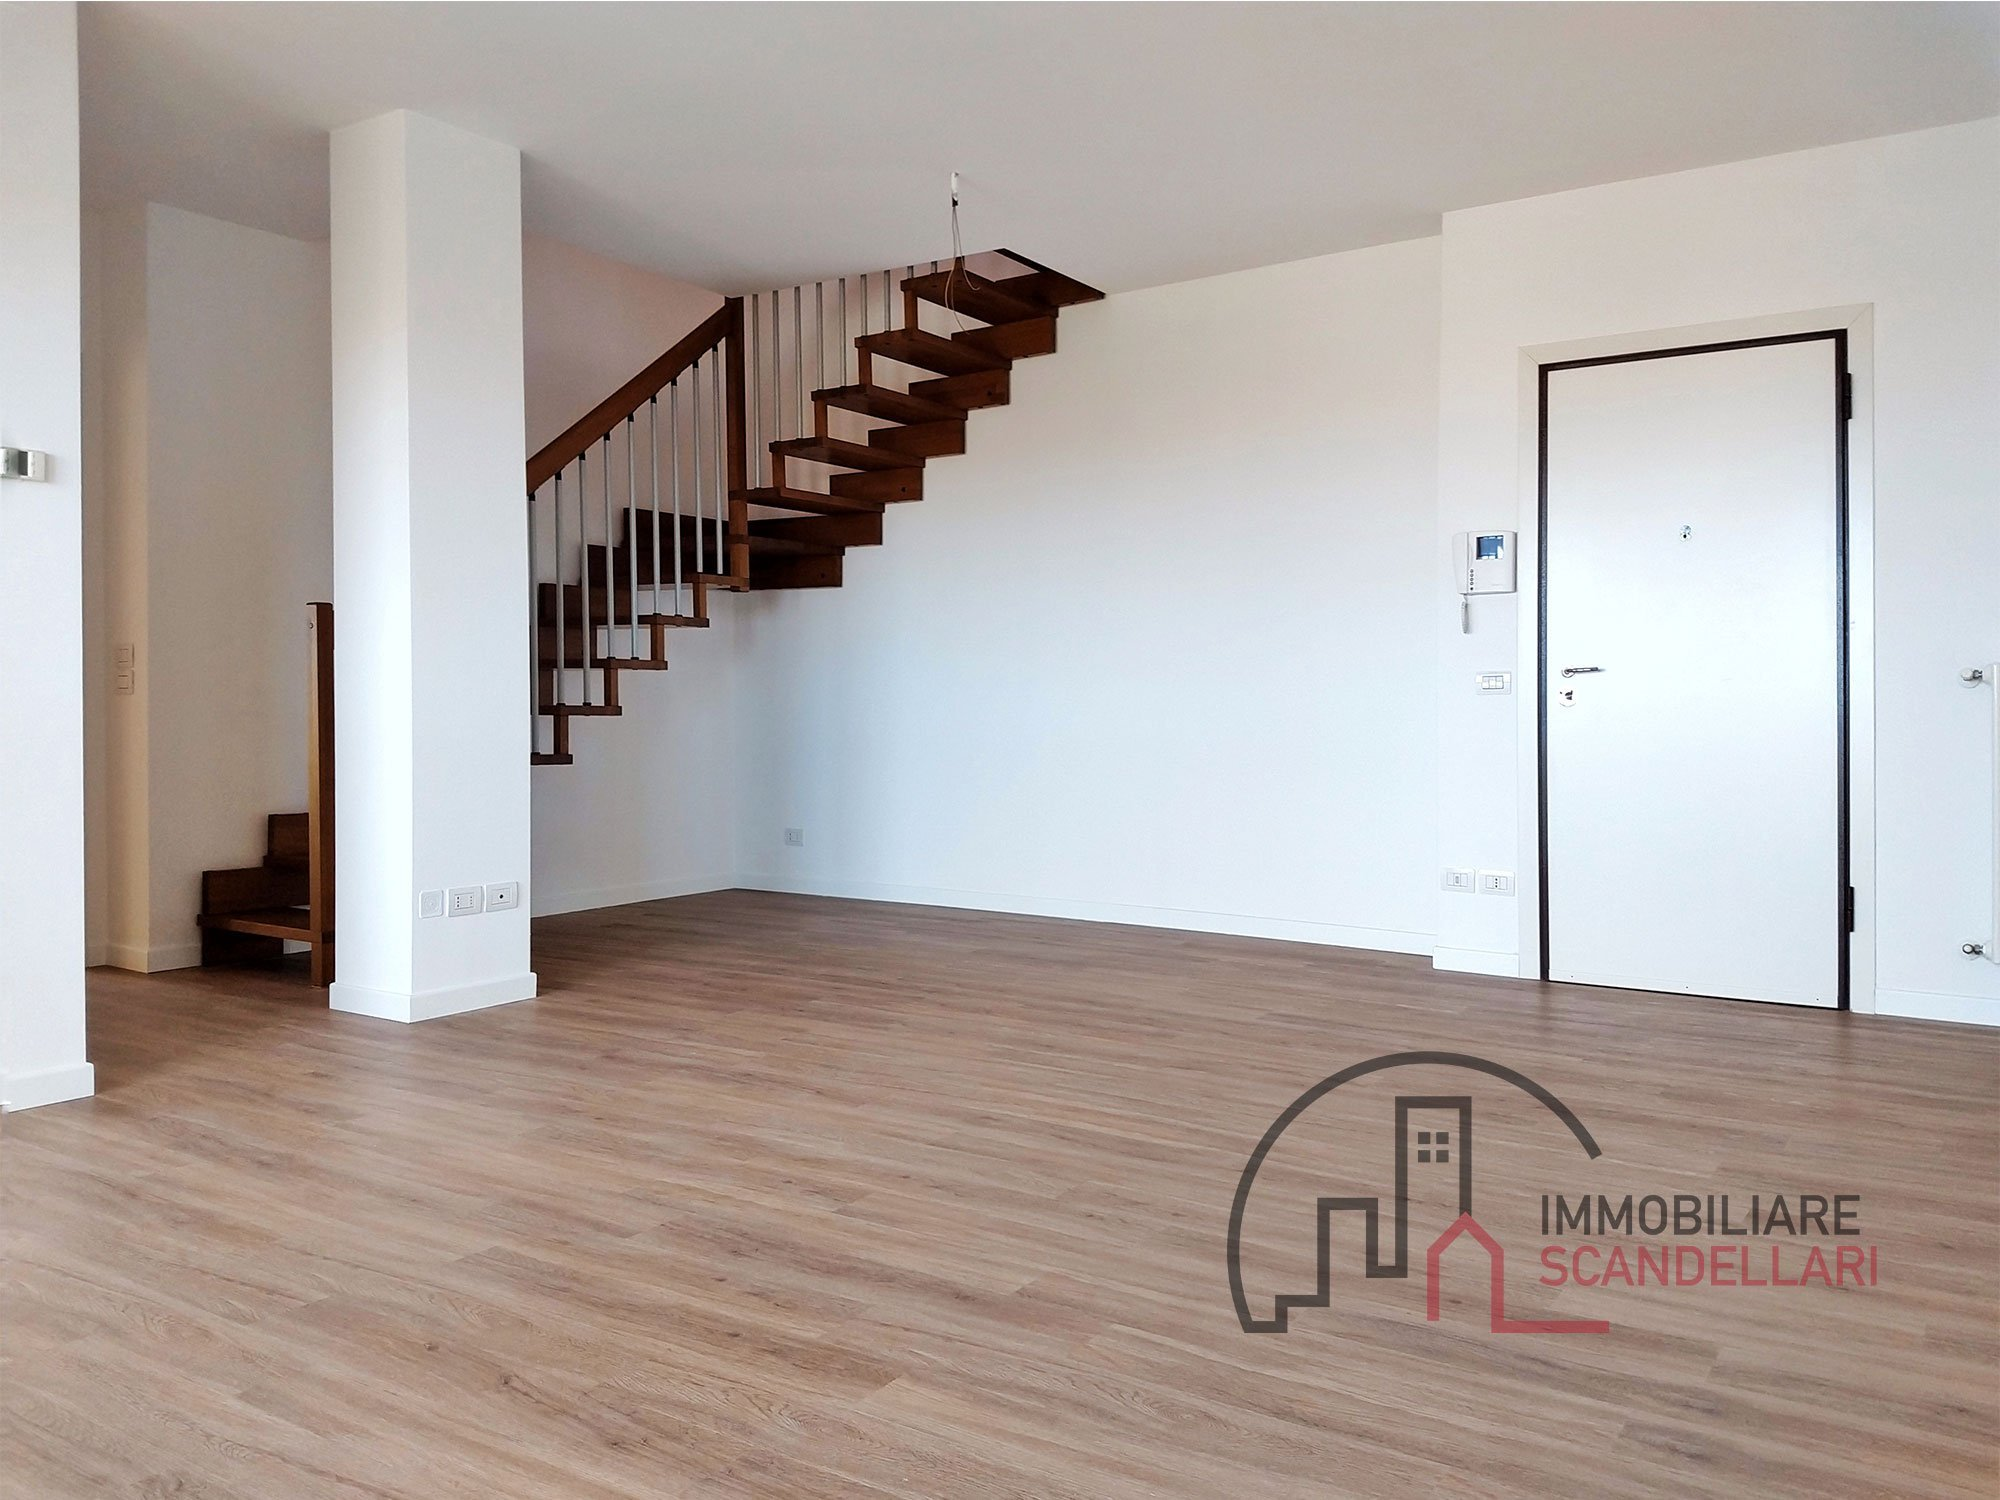 Rimini - Via Covignano - Appartamento nuovo con 3 camere - Immobiliare Scandellari